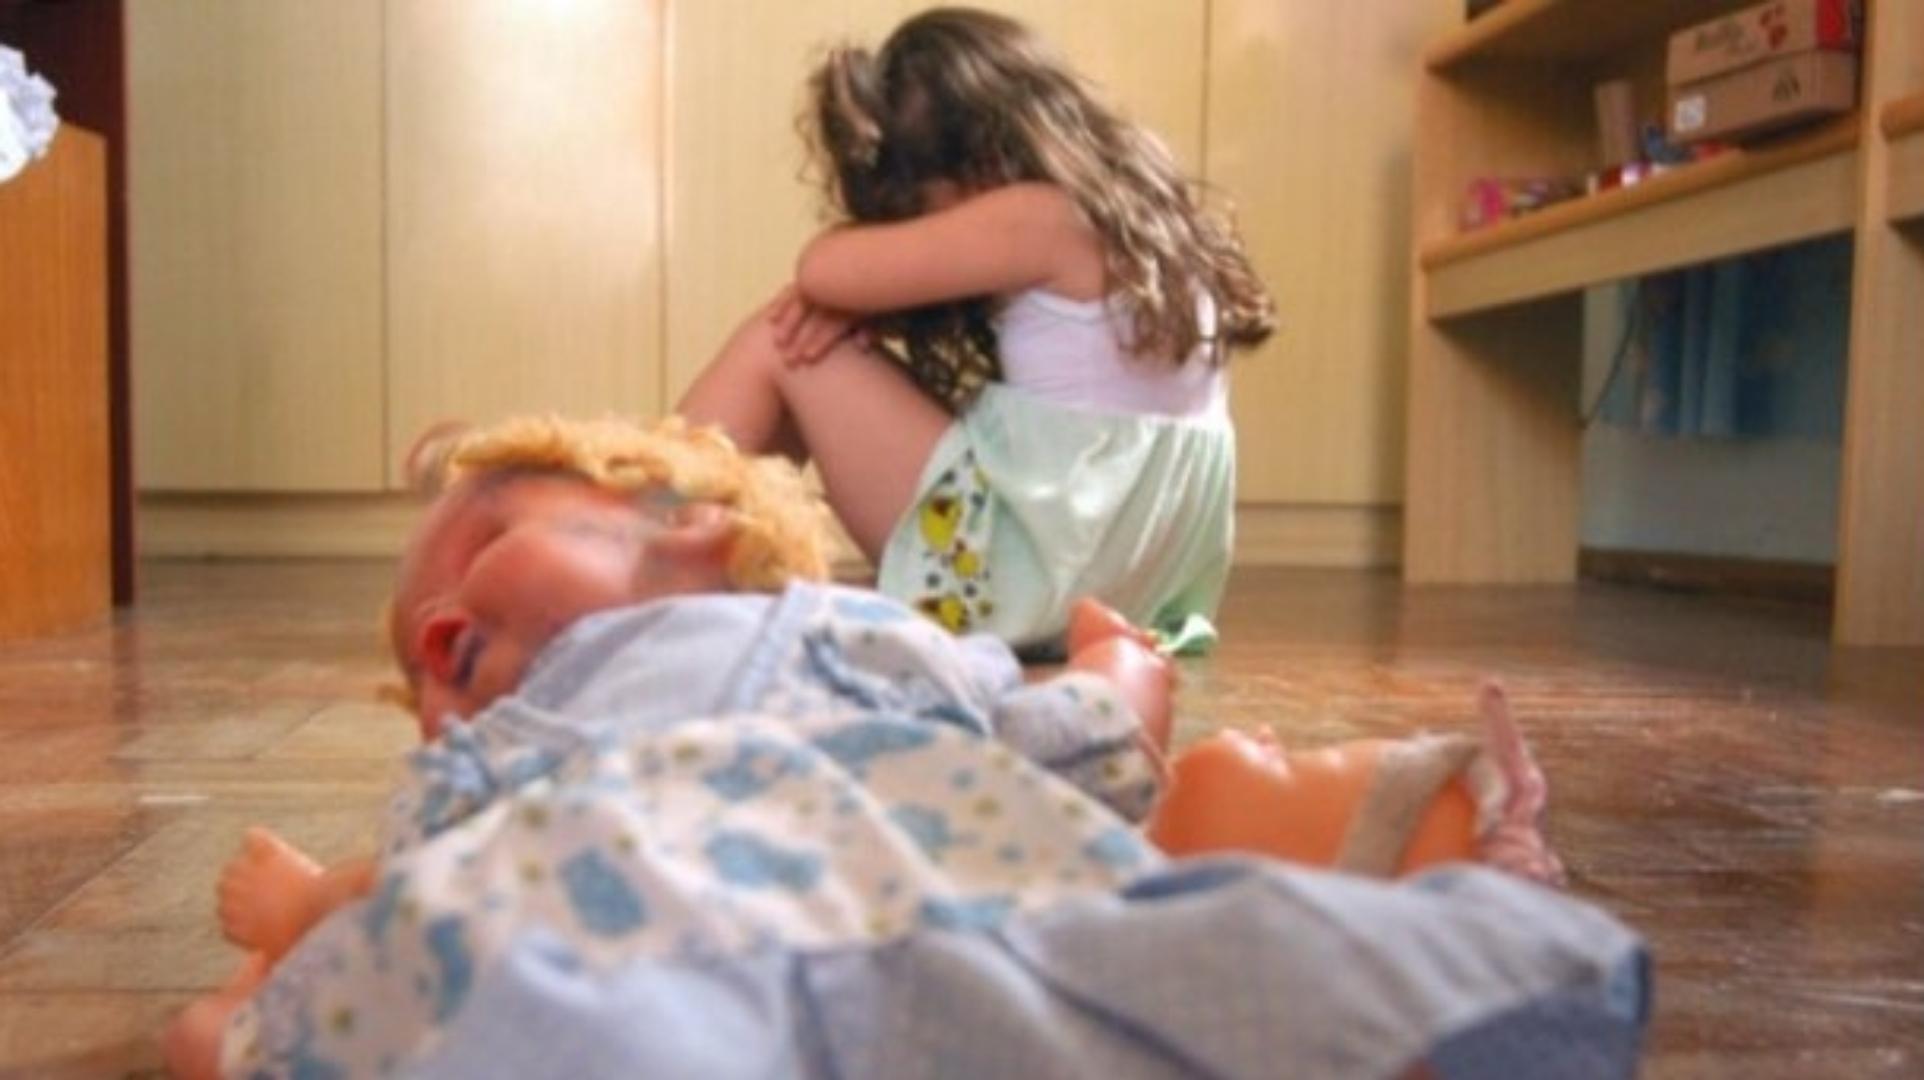 Rapaz confessa abusar de menina de 9 anos no bairro Aparecidinha, em Sorocaba